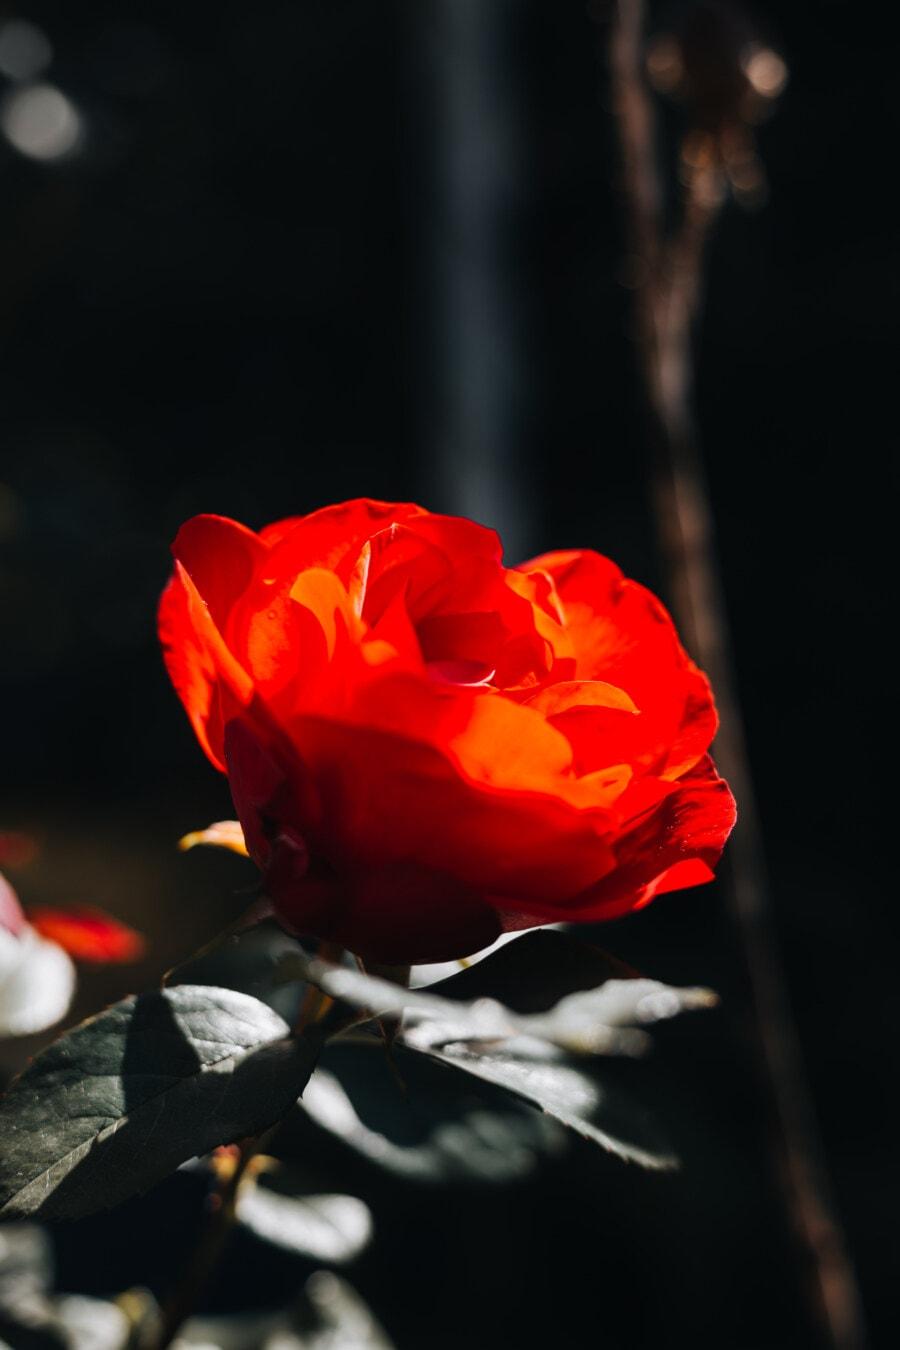 Sonnenlicht, Schatten, stieg, Blume, Blütenblatt, blühen, Blüte, Anlage, Strauch, Garten